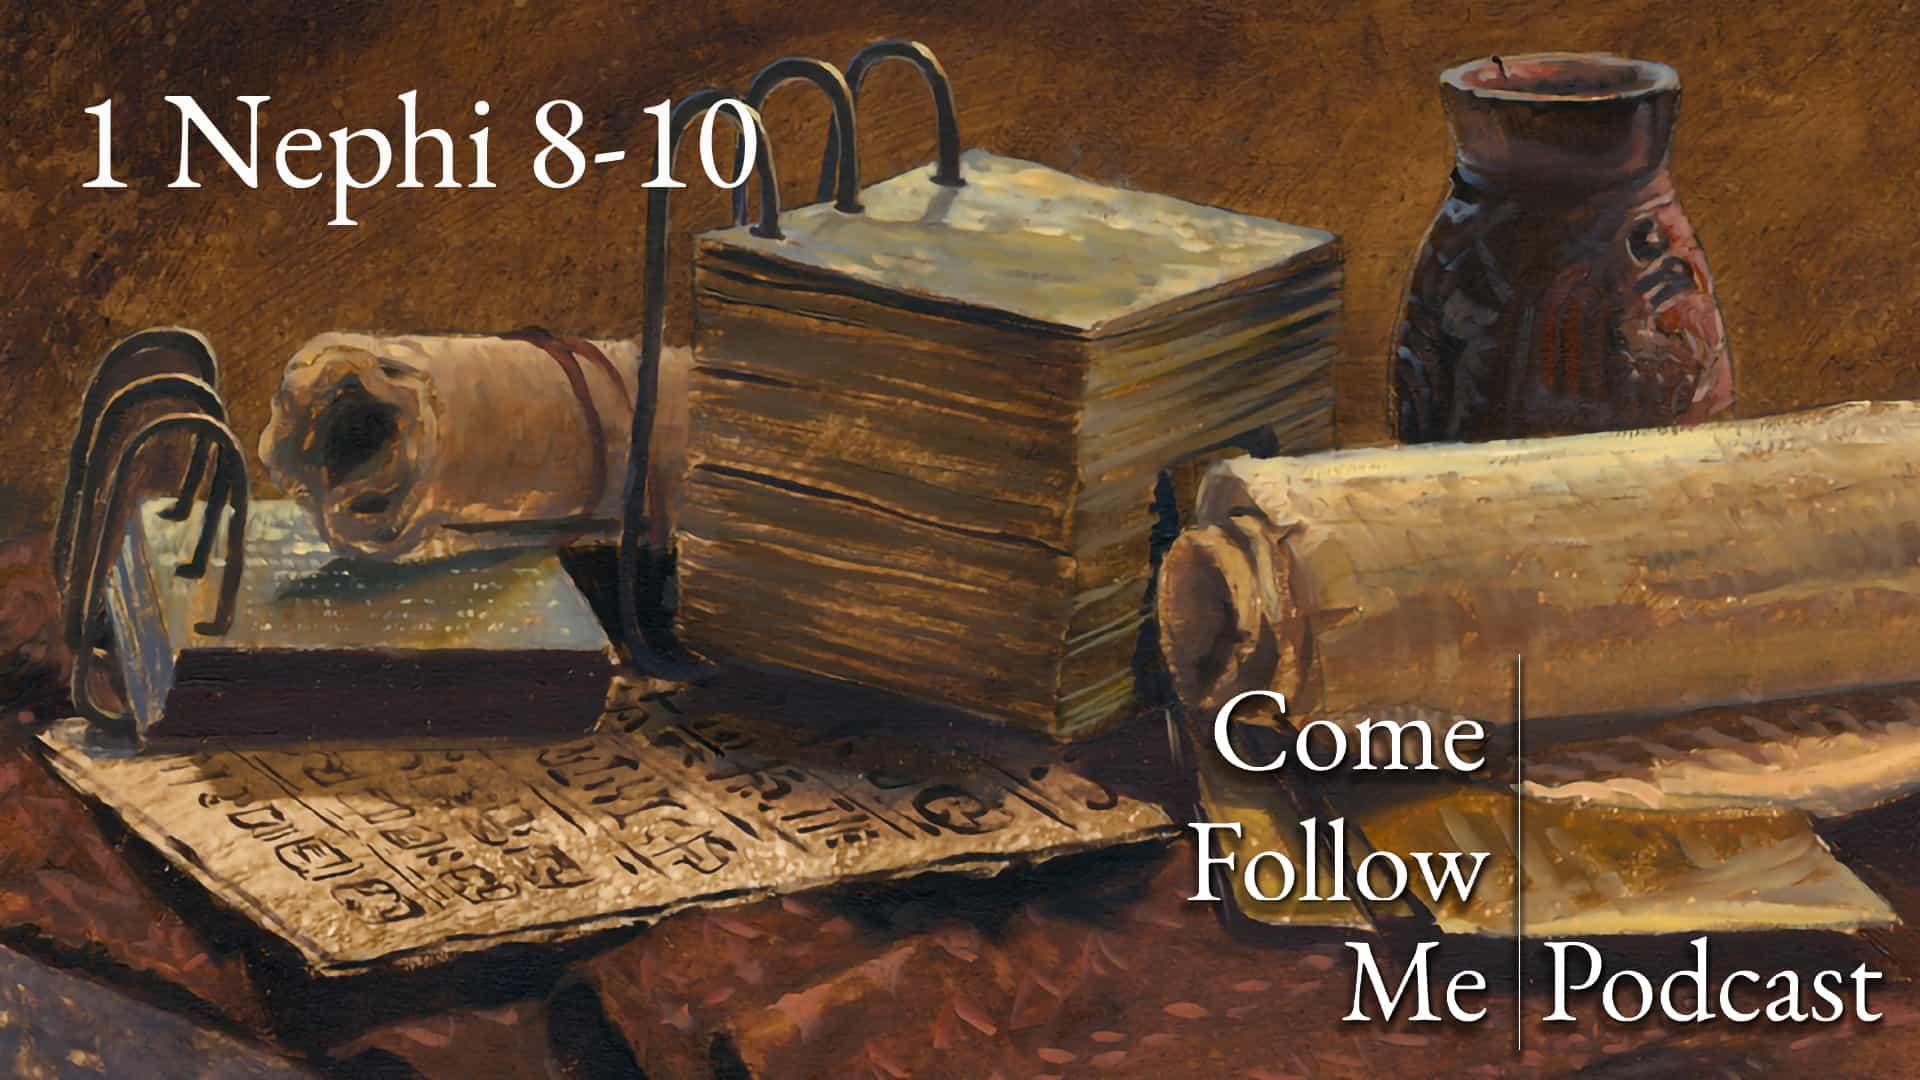 1 Nephi 8-10 - Come Follow Me Podcast